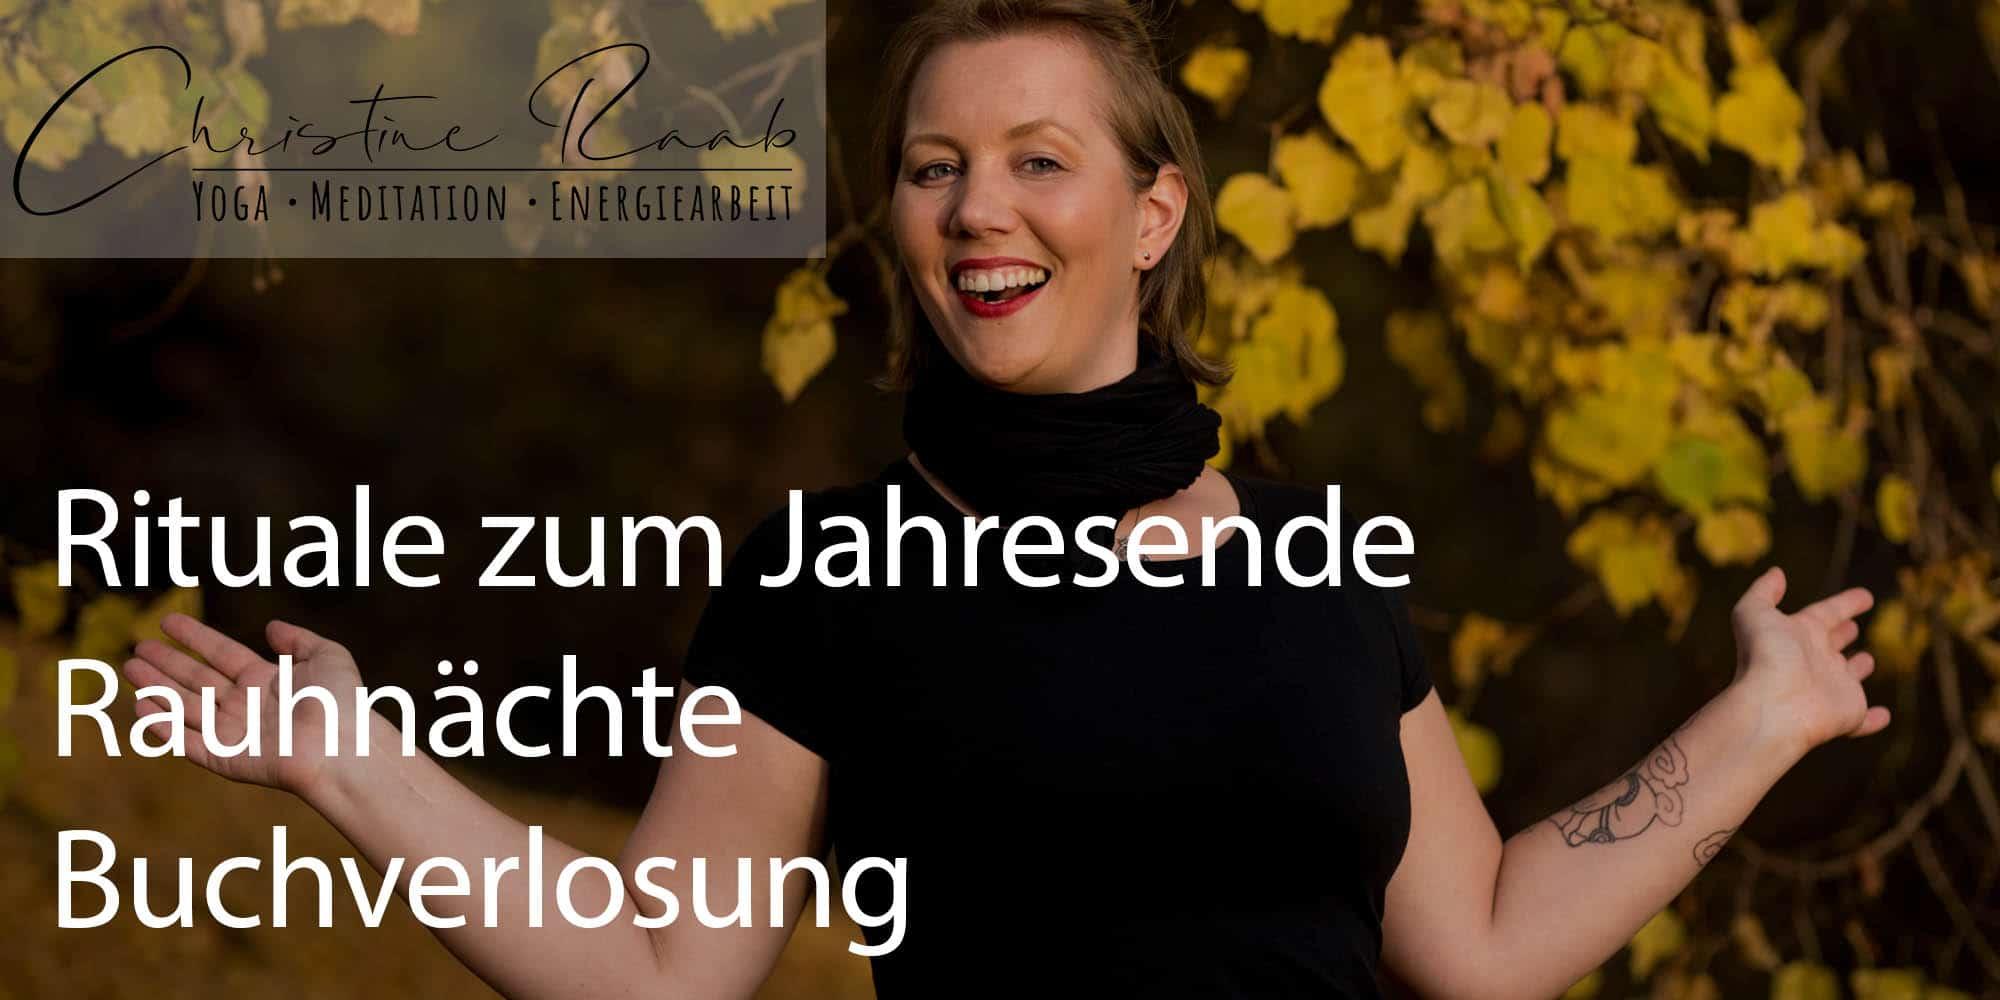 Titelbild Rituale zum Jahresende - Rauhnaechte - Buchverlosung - Christine Raab im Herbst lachend